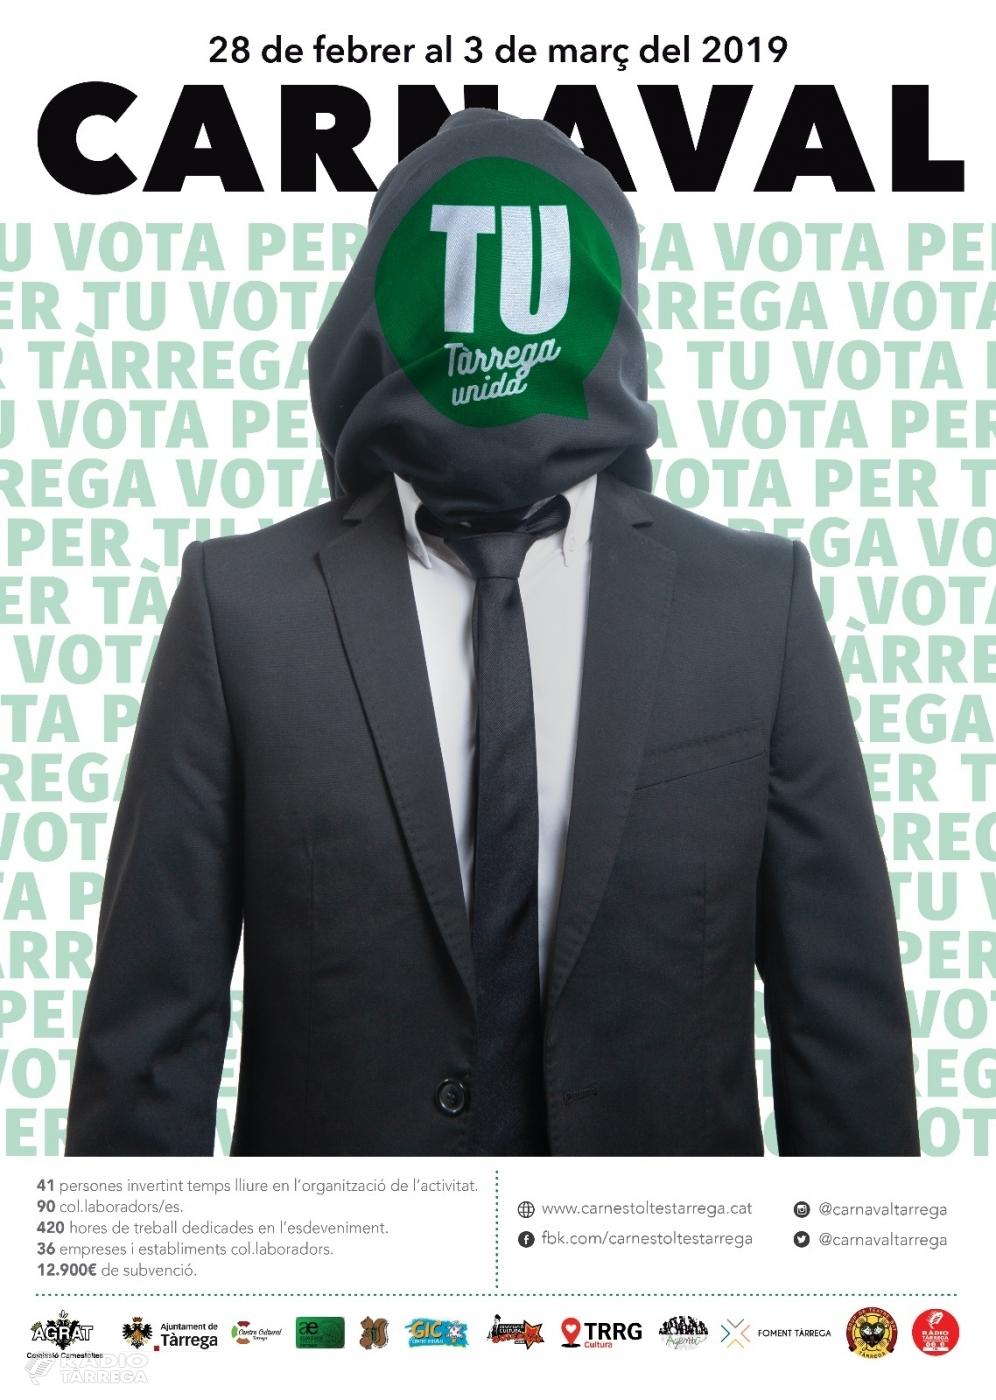 Tàrrega ja prepara una nova edició del Carnaval que enguany presenta com a temàtica una candidatura política a les eleccions municipals del 26 de Maig